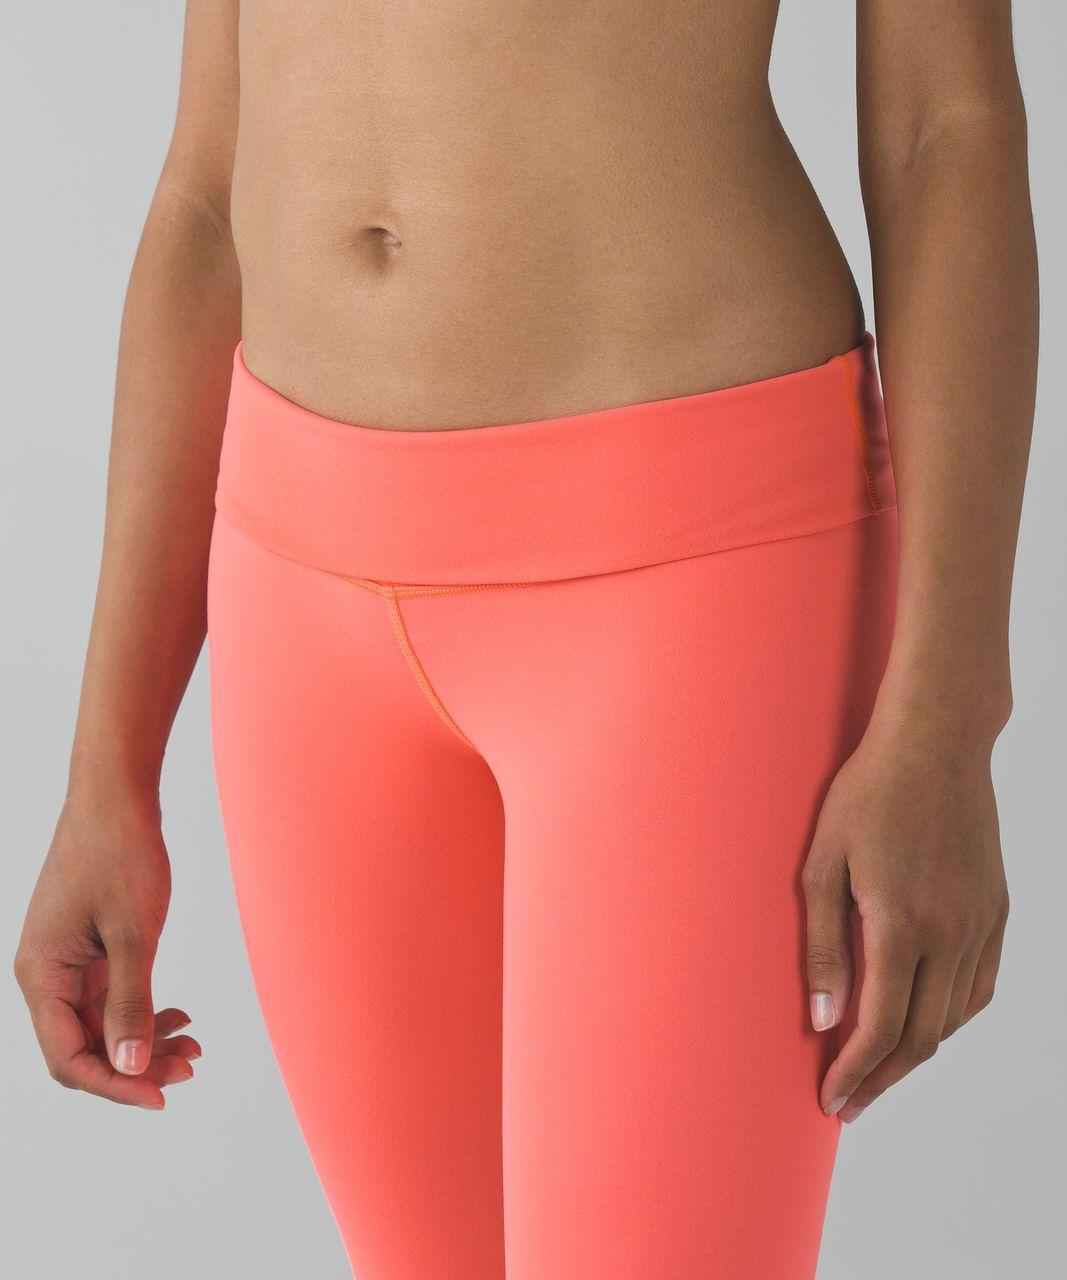 Lululemon Wunder Under Pant *Full-On Luon (Reversible - Roll Down) - Grapefruit / Slate